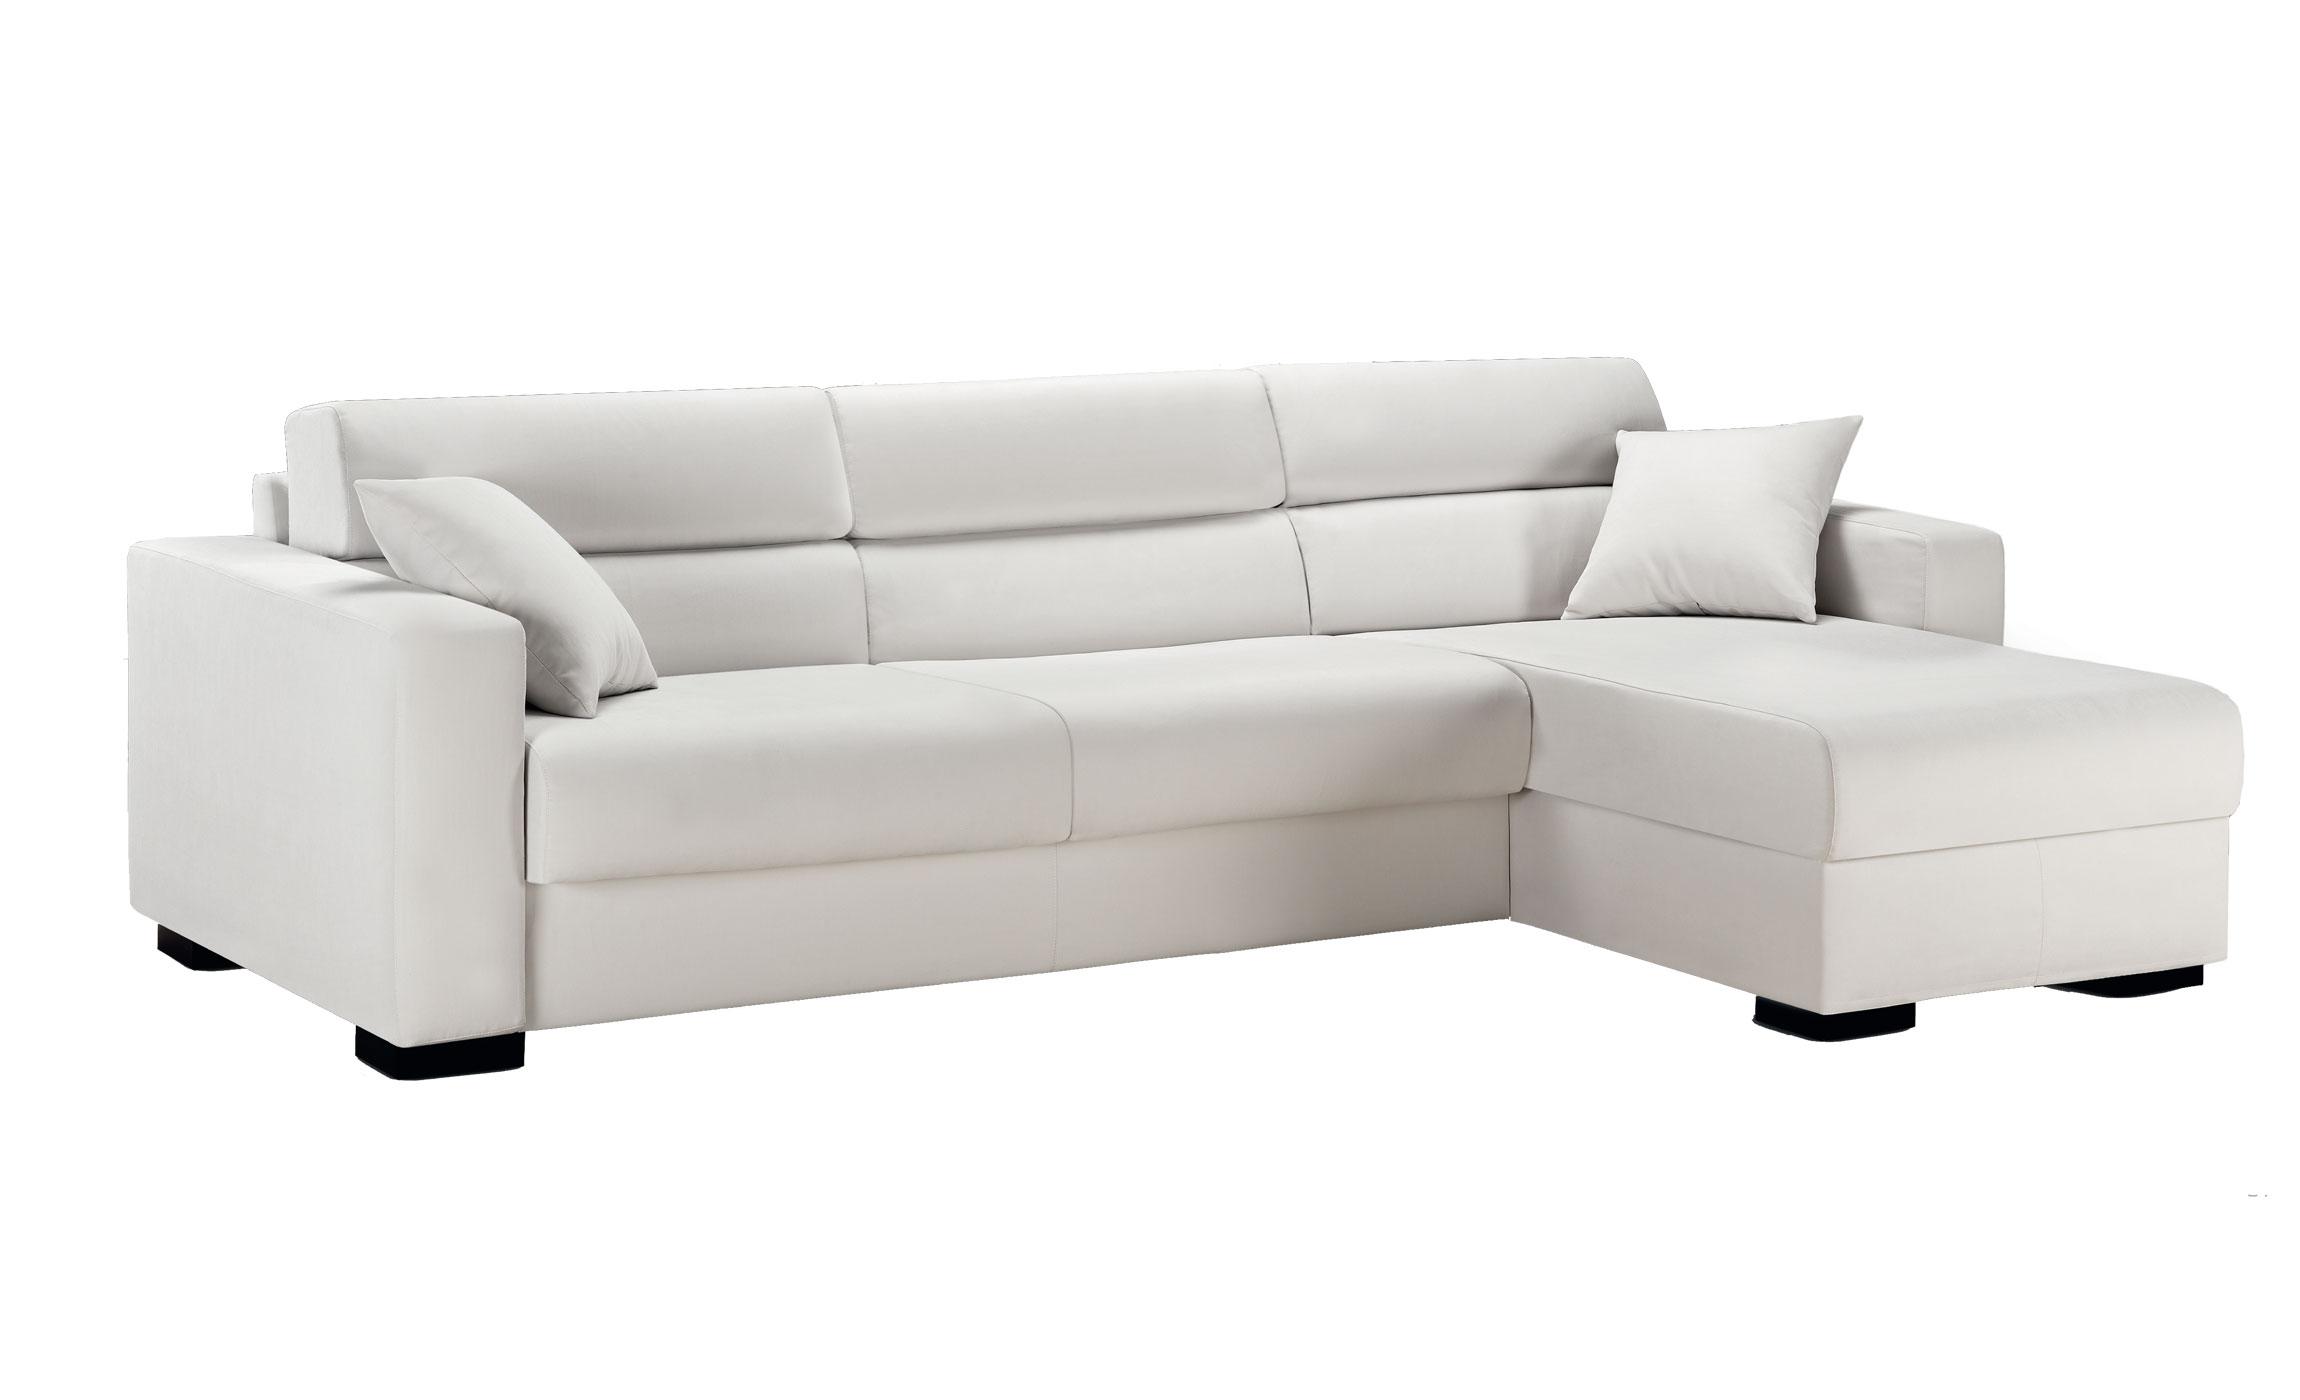 Housse de canapé d'angle imitation cuir